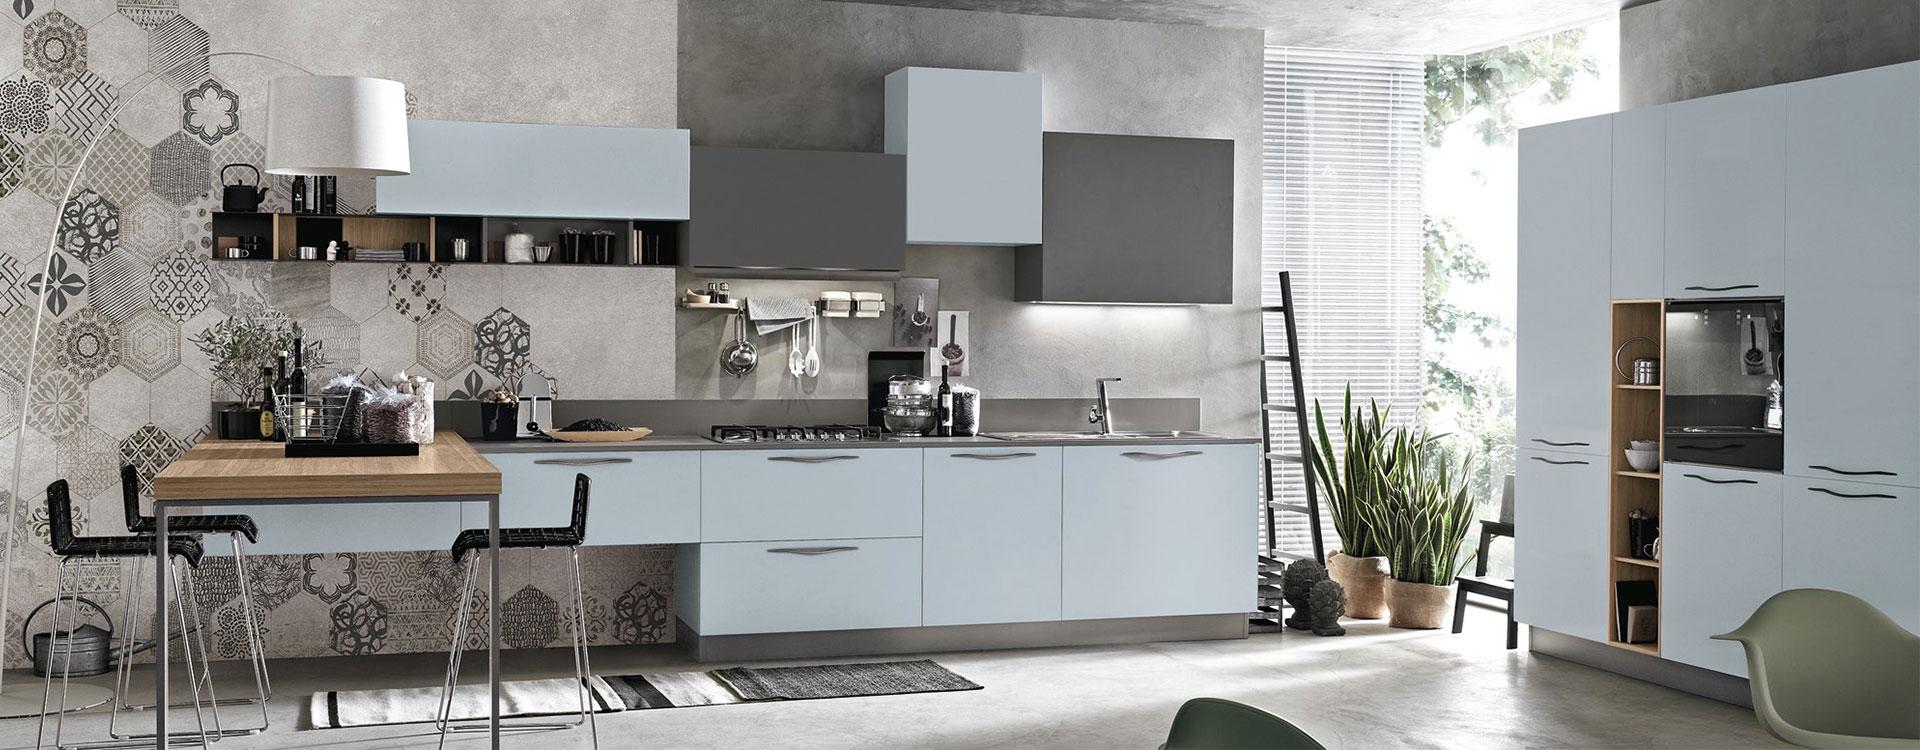 Merlok Aluminium Modular Kitchen coimbatore3